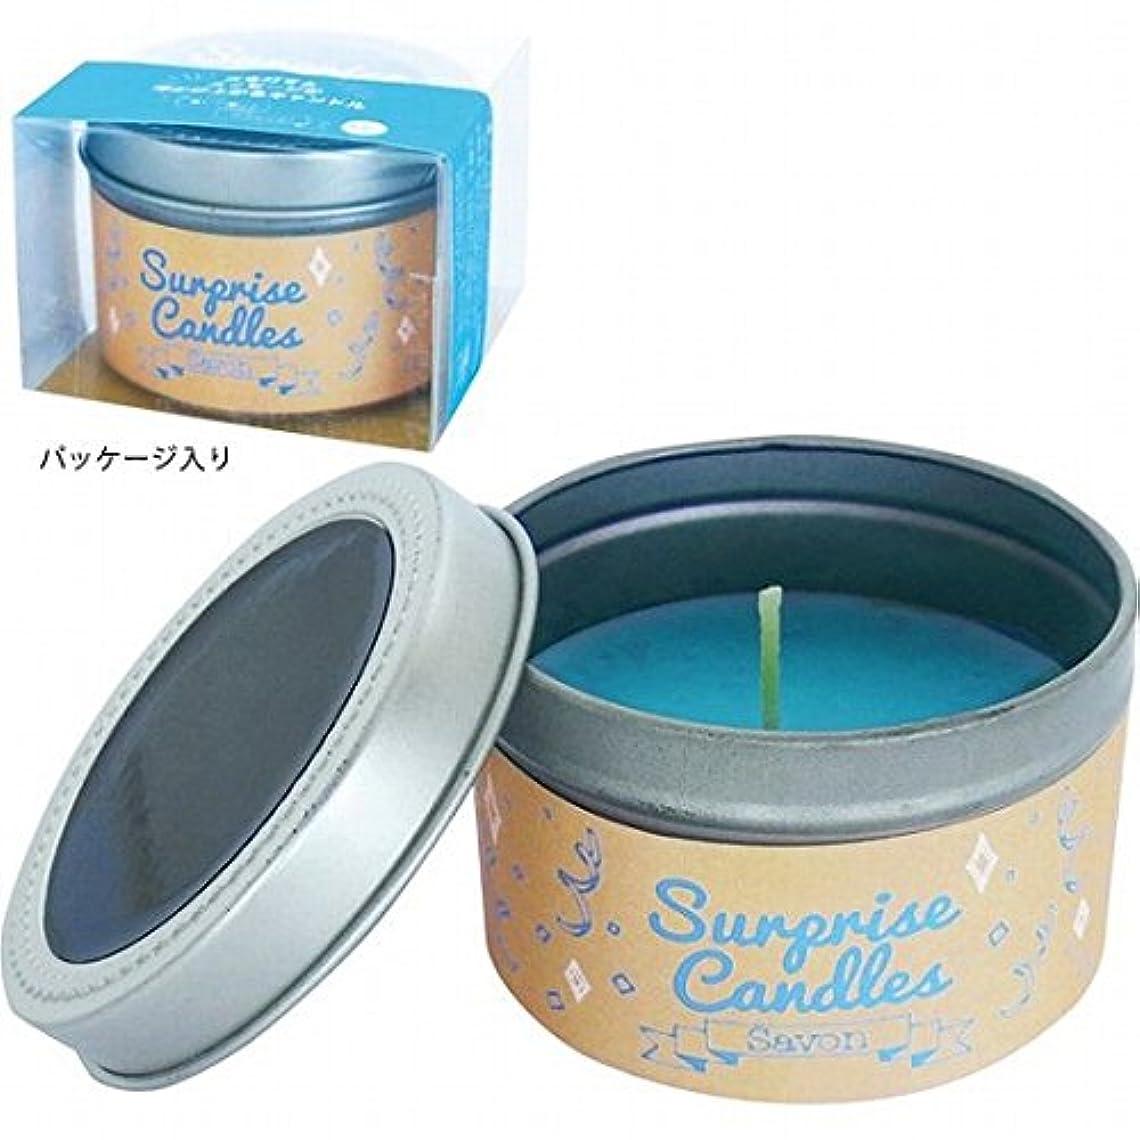 ガジュマルバーター散るkameyama candle(カメヤマキャンドル) サプライズキャンドル 「サボン」(A207005030)